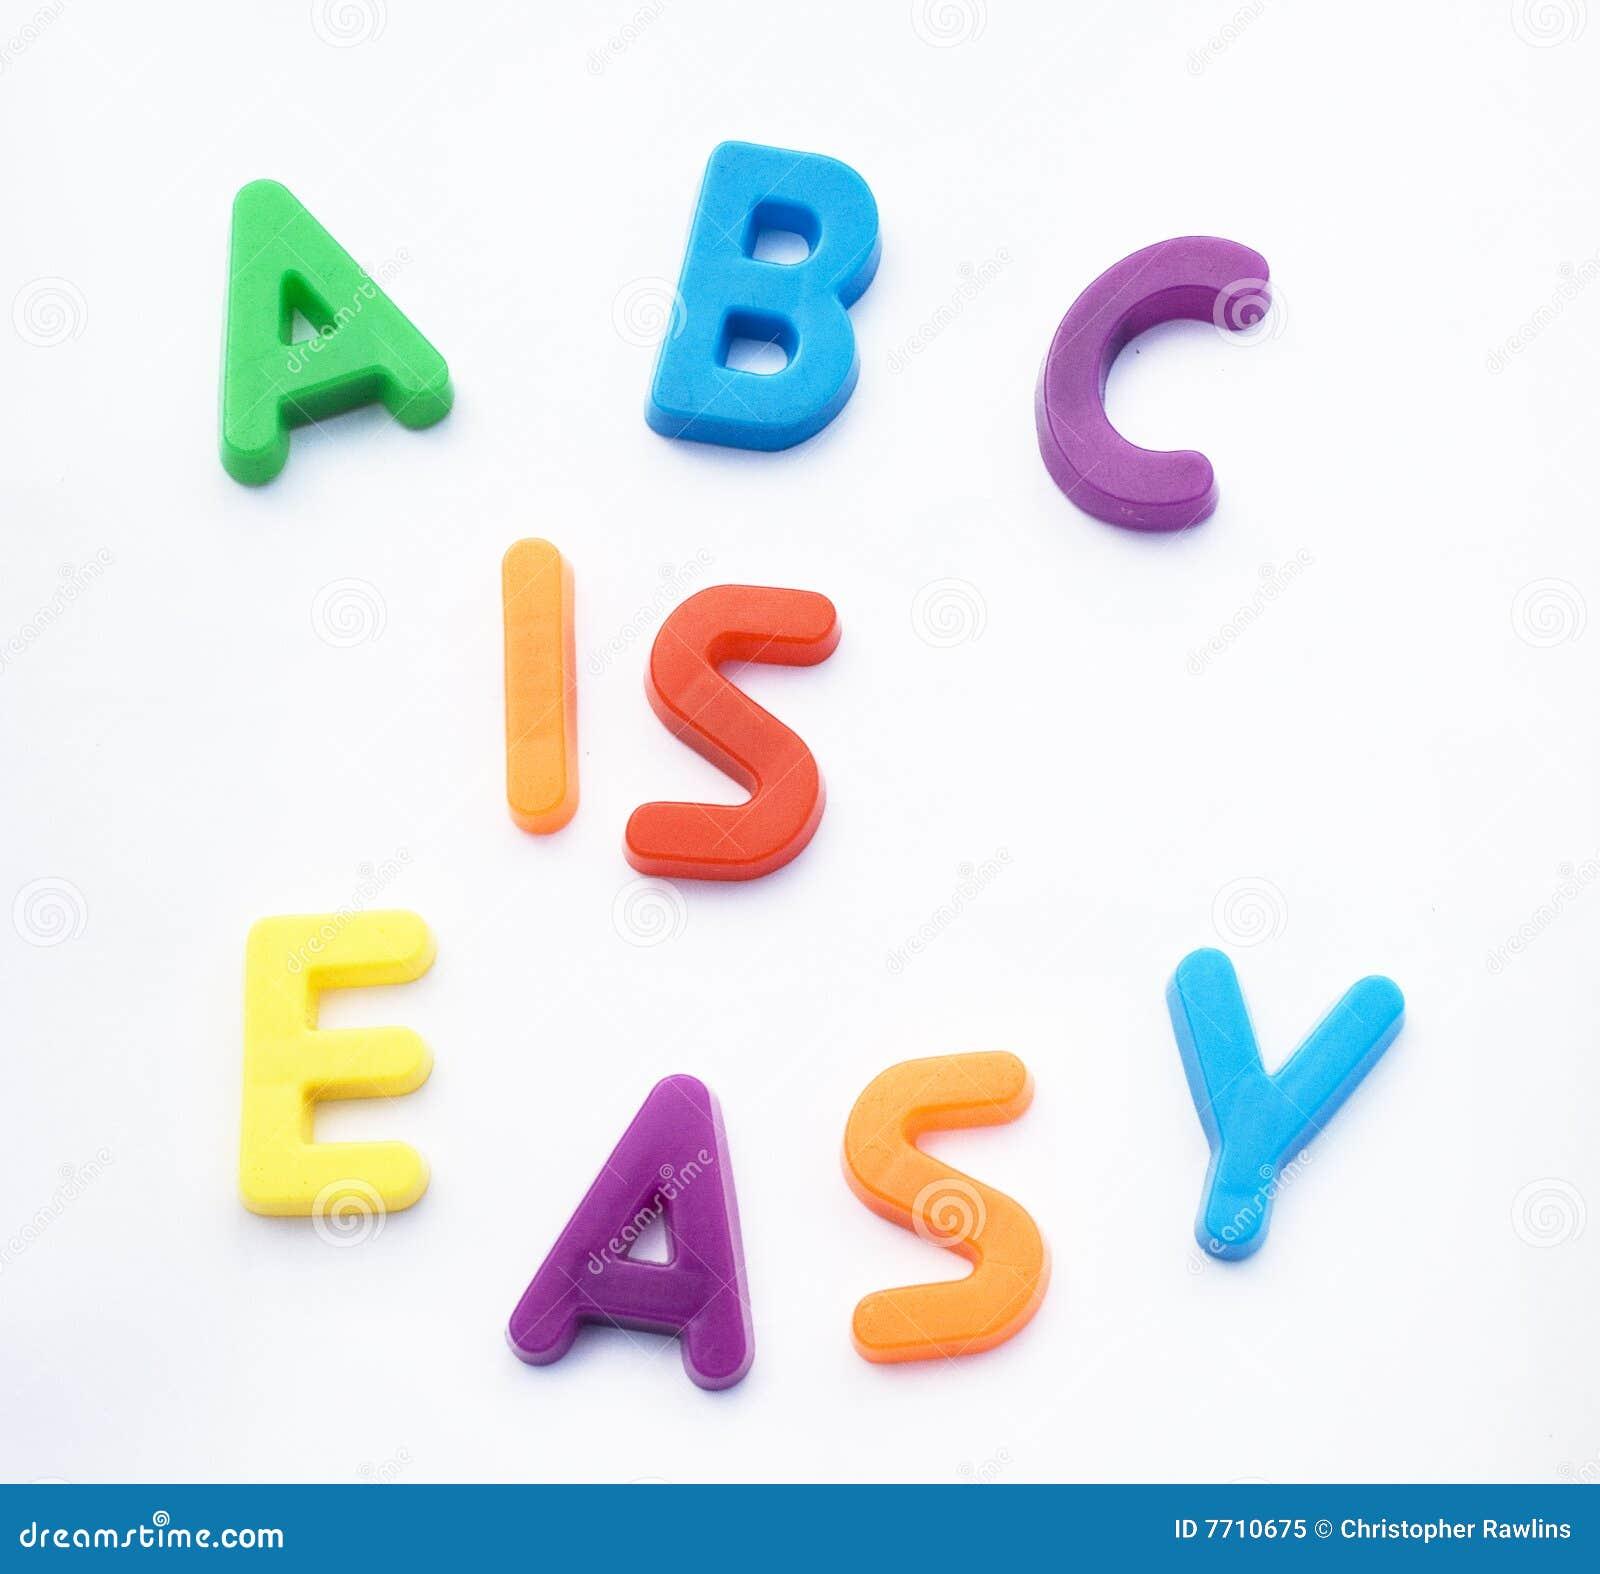 ABC is EASY